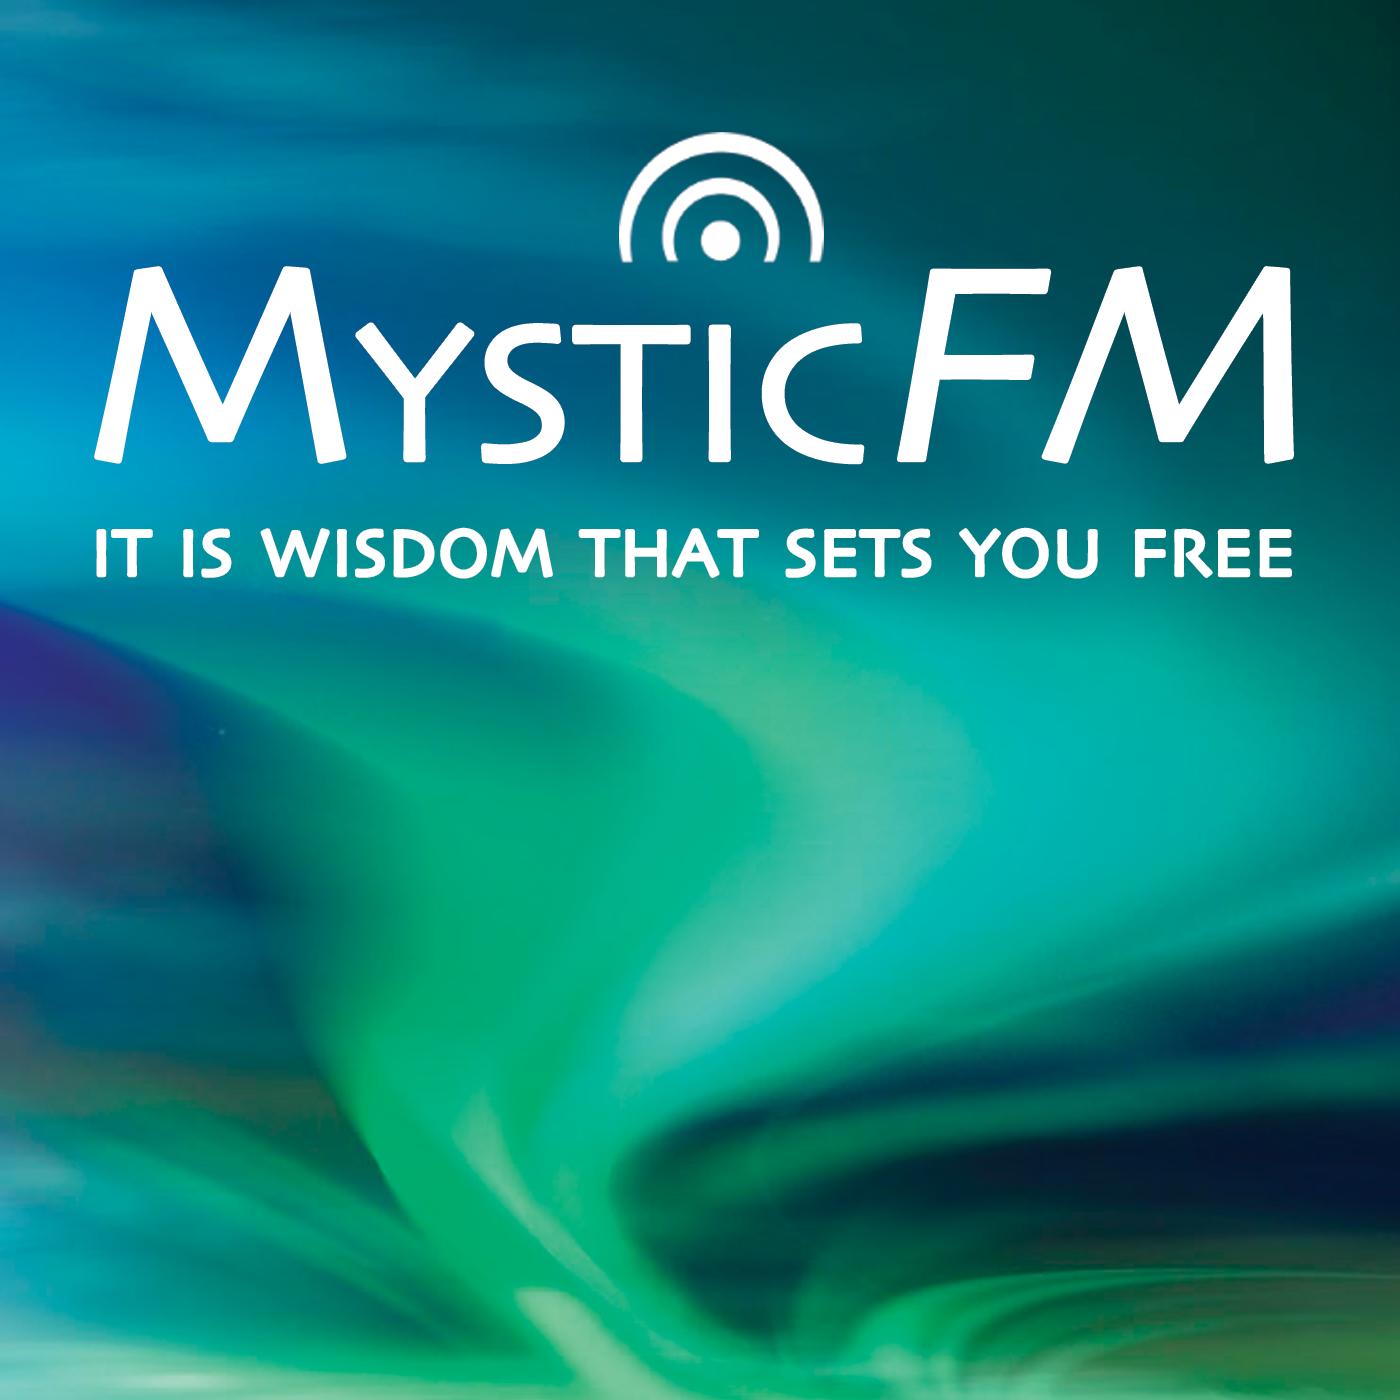 Mystic FM